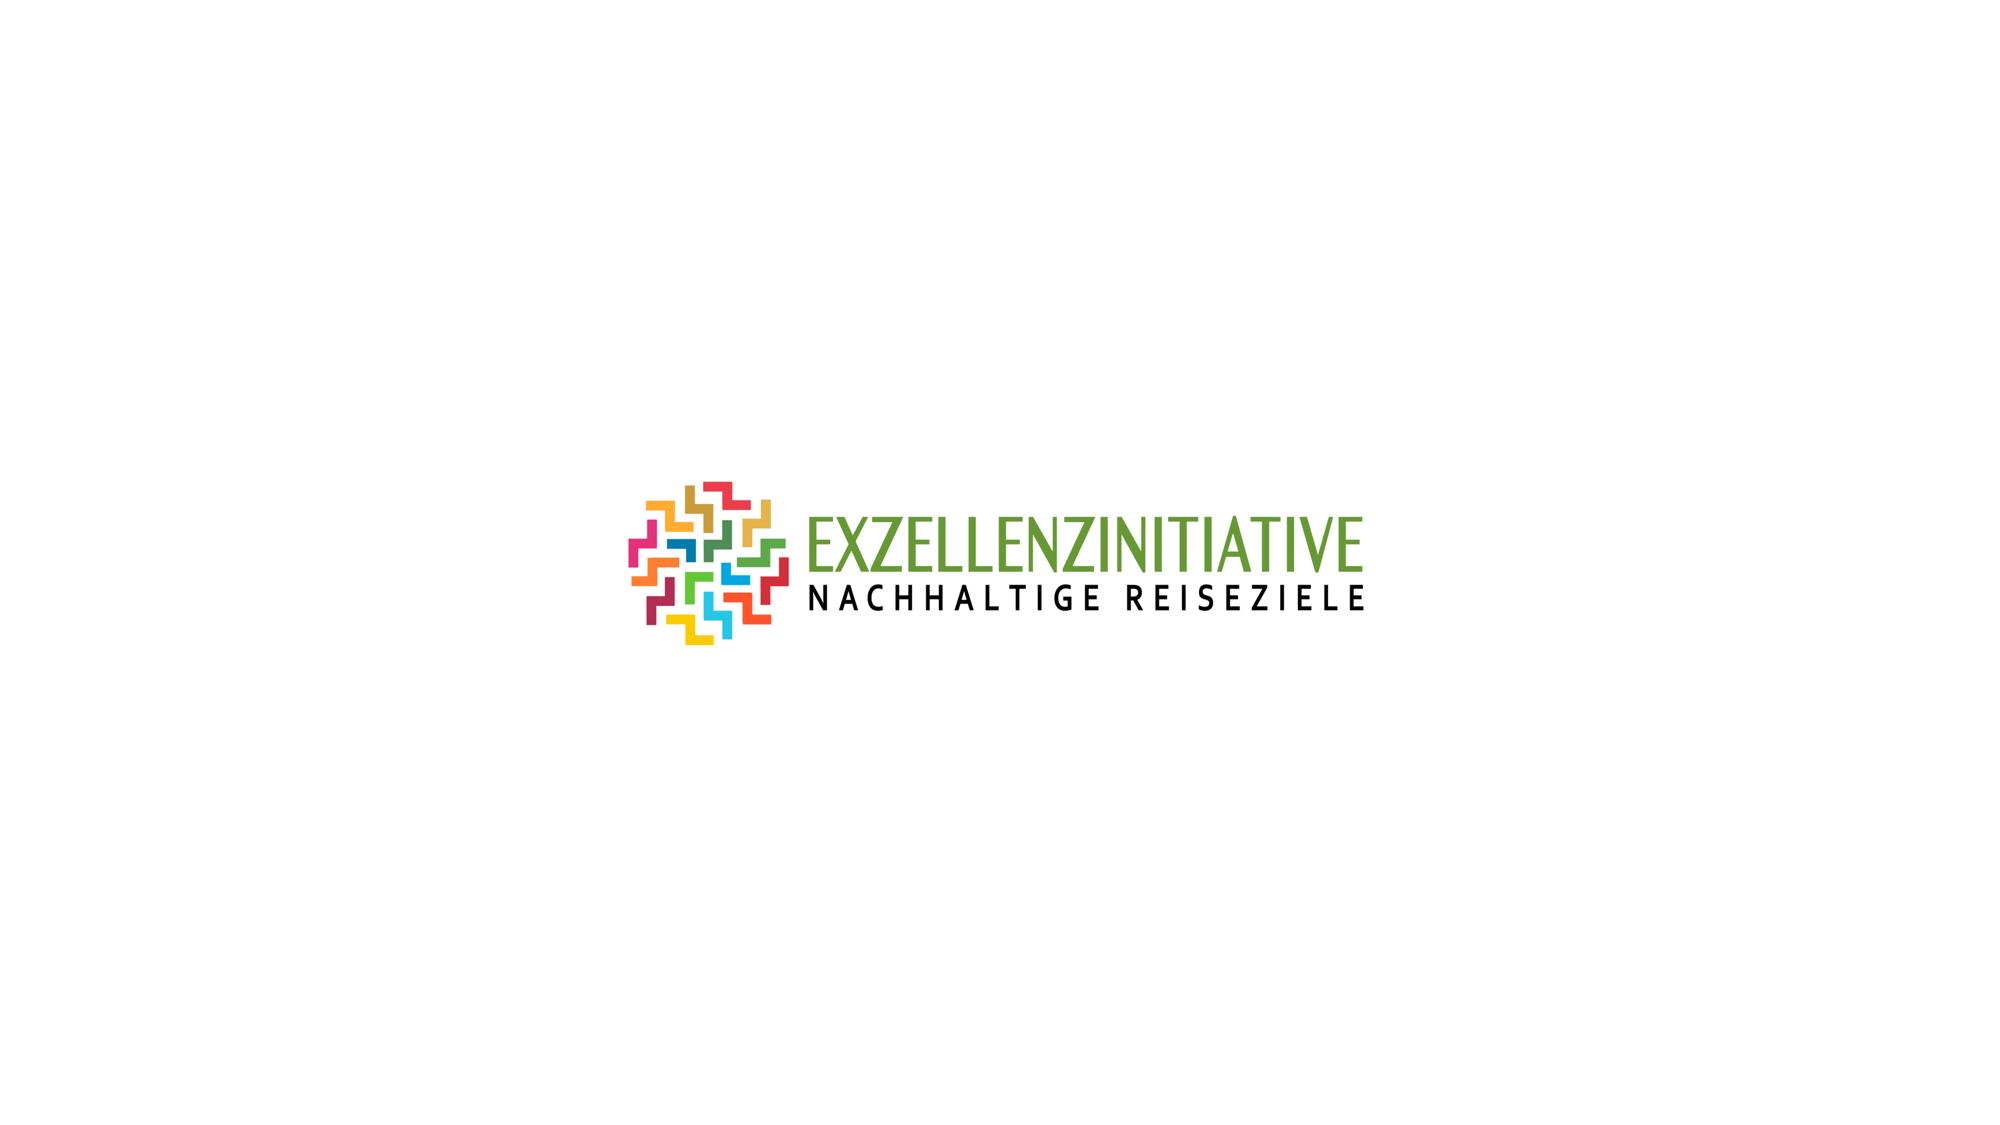 Logo Exzellenzinitiative Nachhaltige Reiseziele